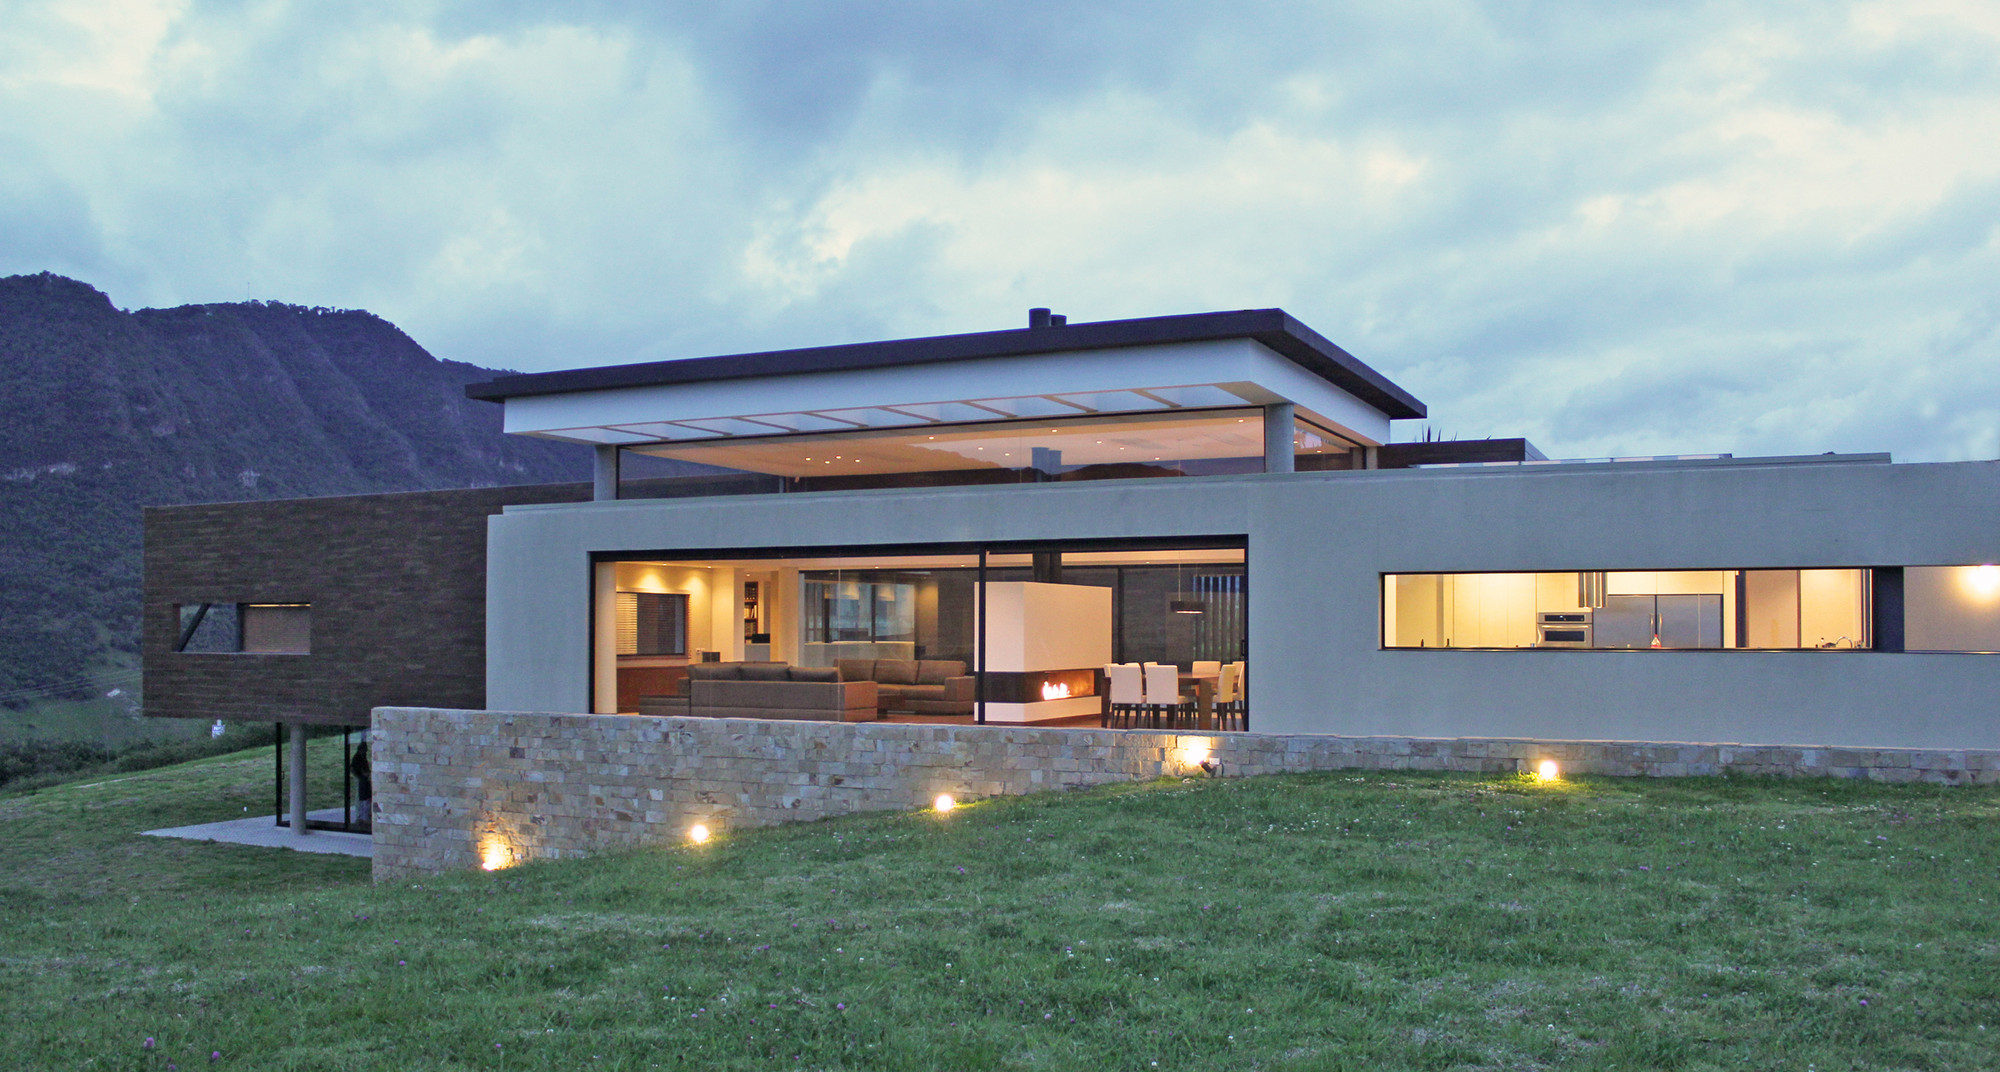 AR House / Campuzano Architects, © Gabriel & Carlos Campuzano